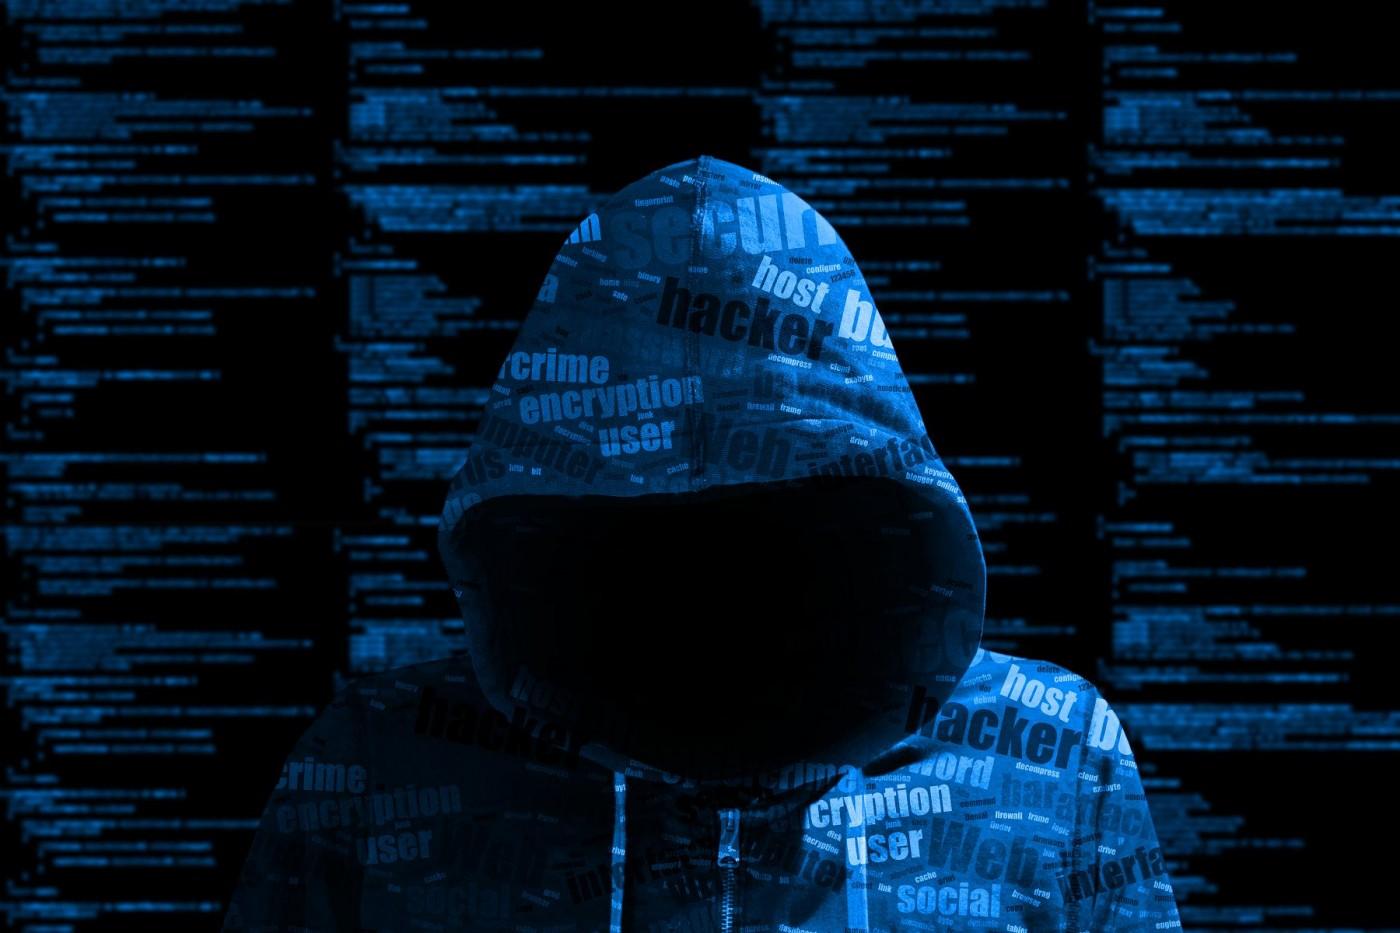 駭客攻擊一年損失達8100億元,微軟提點企業:釣魚信件別亂點